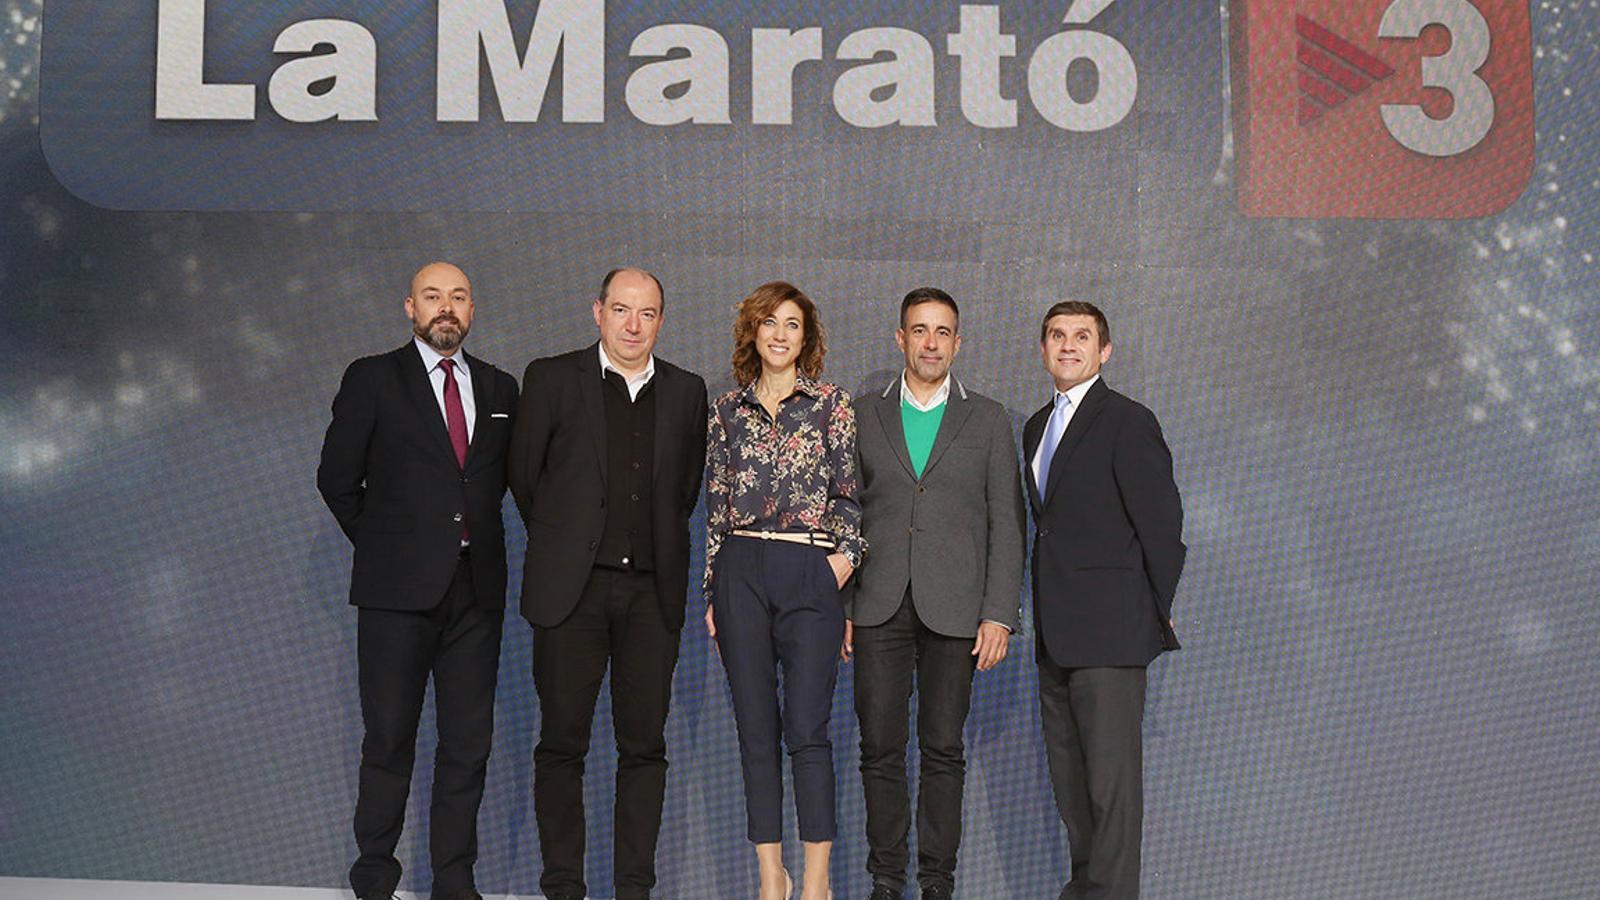 'La Marató' opta per renovar-se i sortir fora del plató